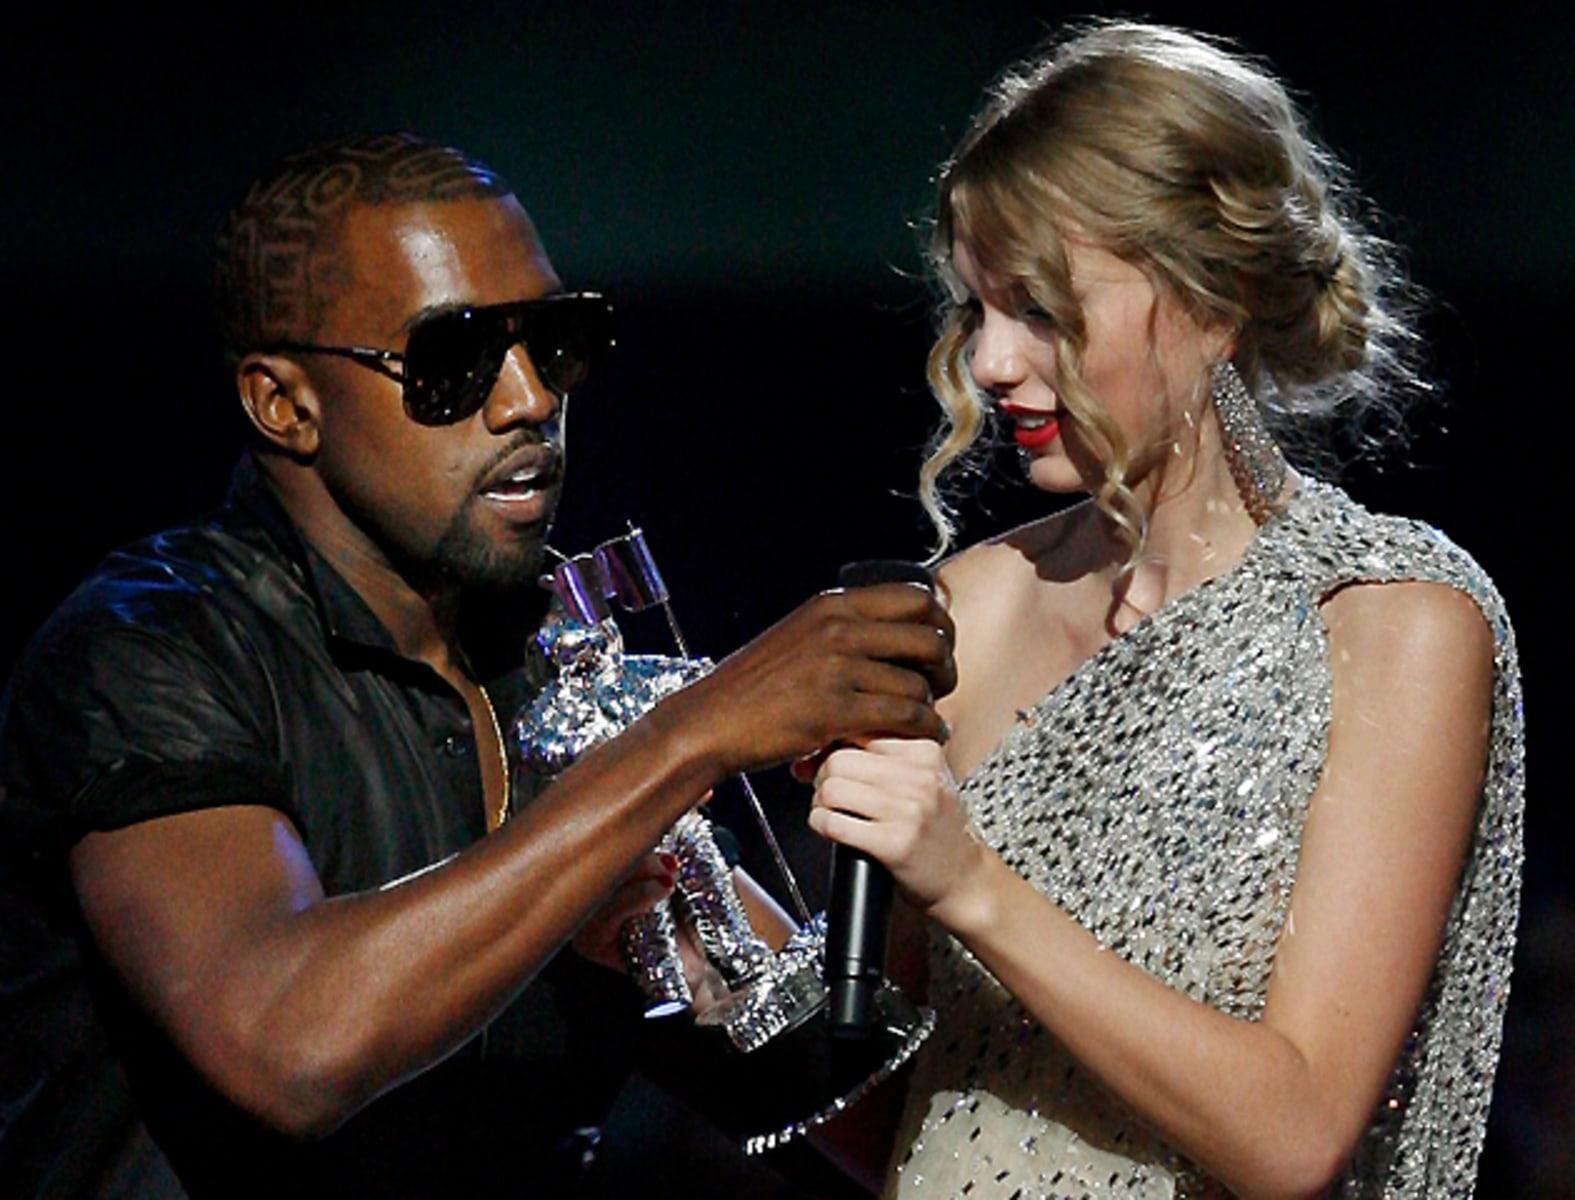 Image: Kanye West, Taylor Swift